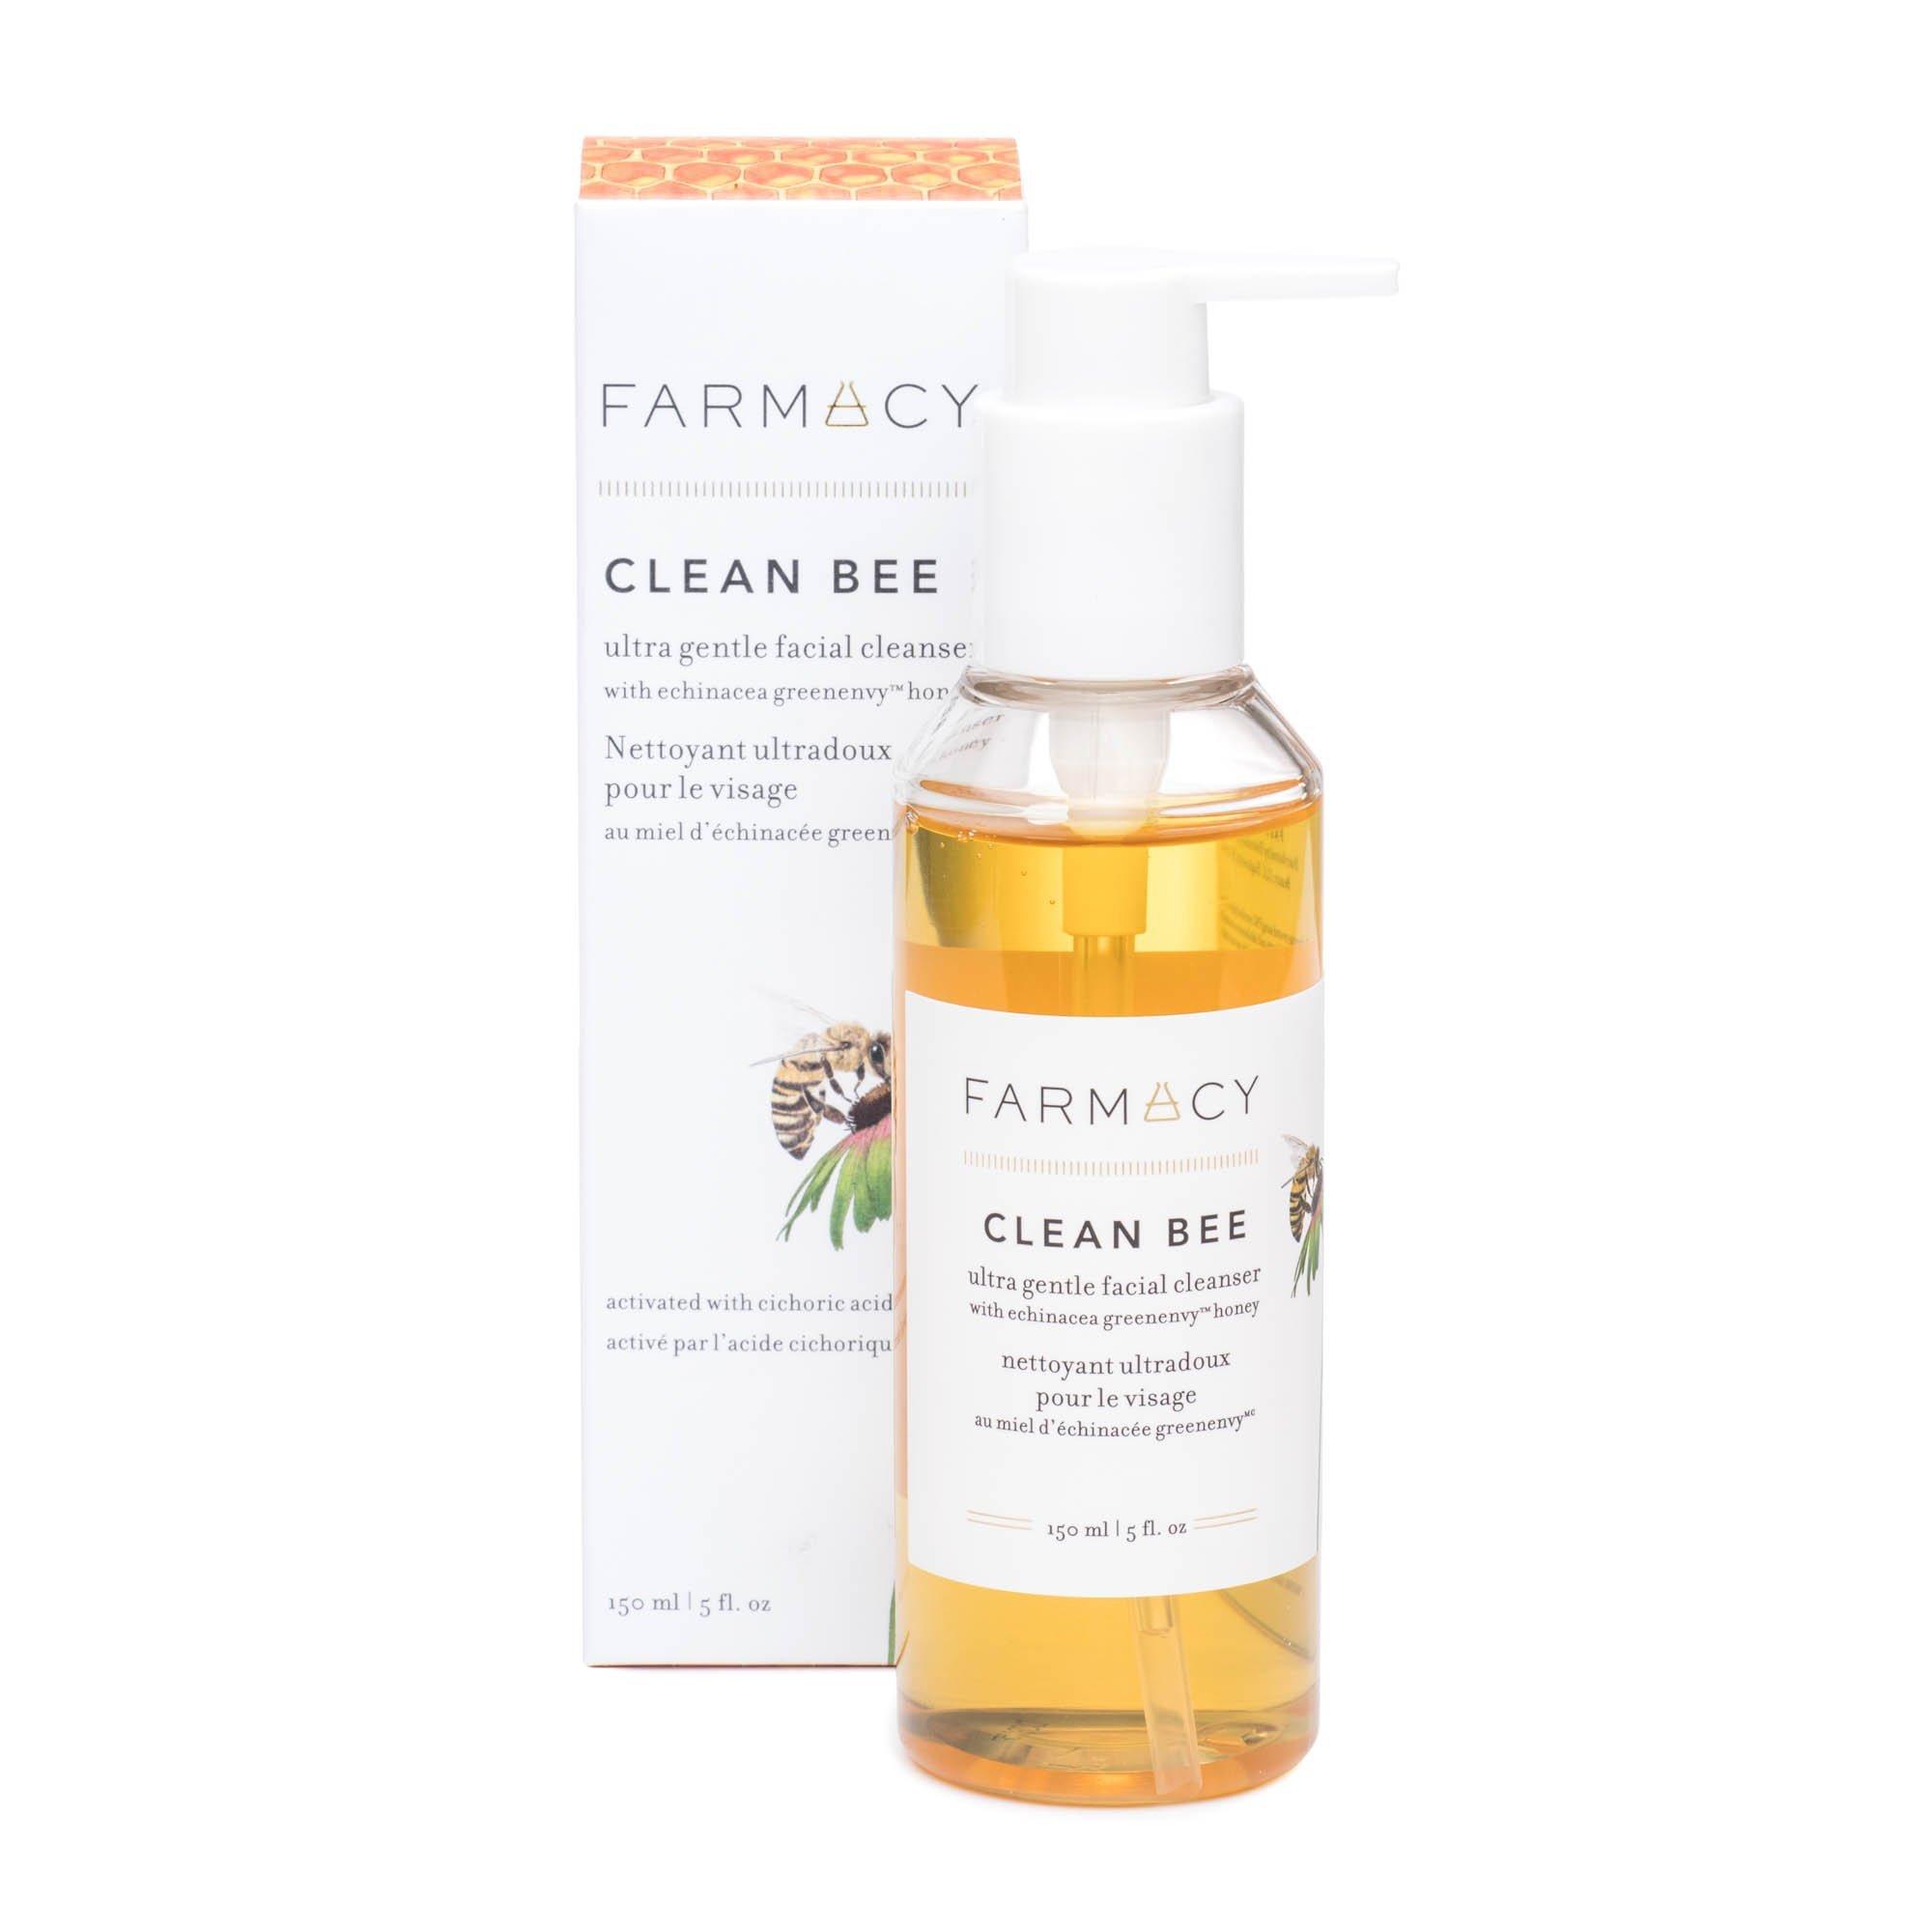 Farmacy_CleanBee_PS_2000x.jpg